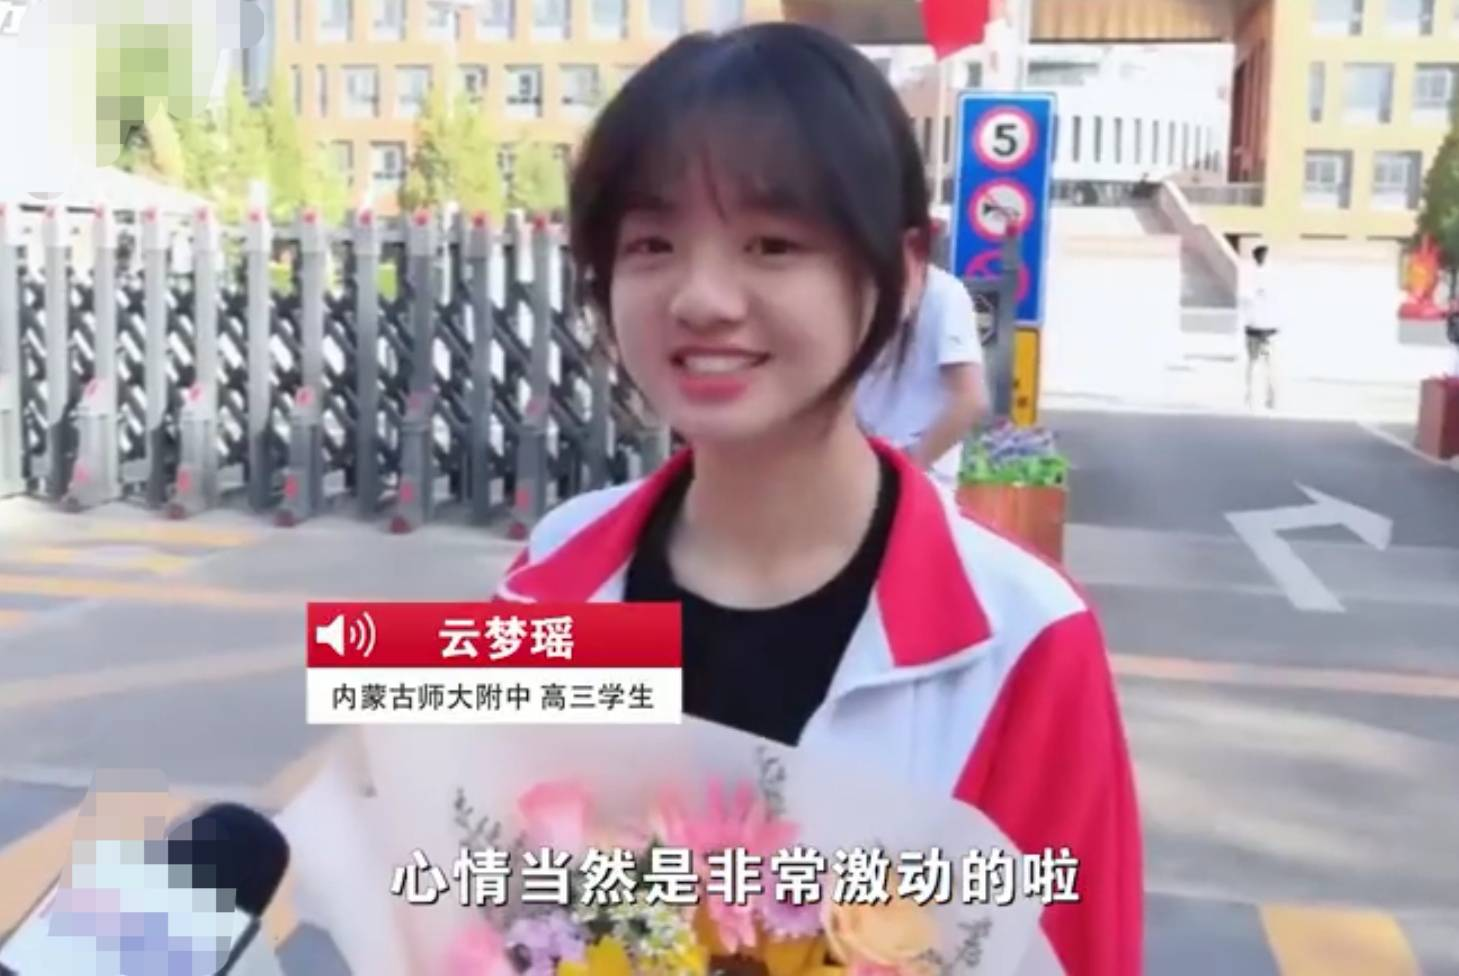 """高考最美考生走红,被称为""""王冰冰内蒙古分冰"""",理想是学习烹饪"""